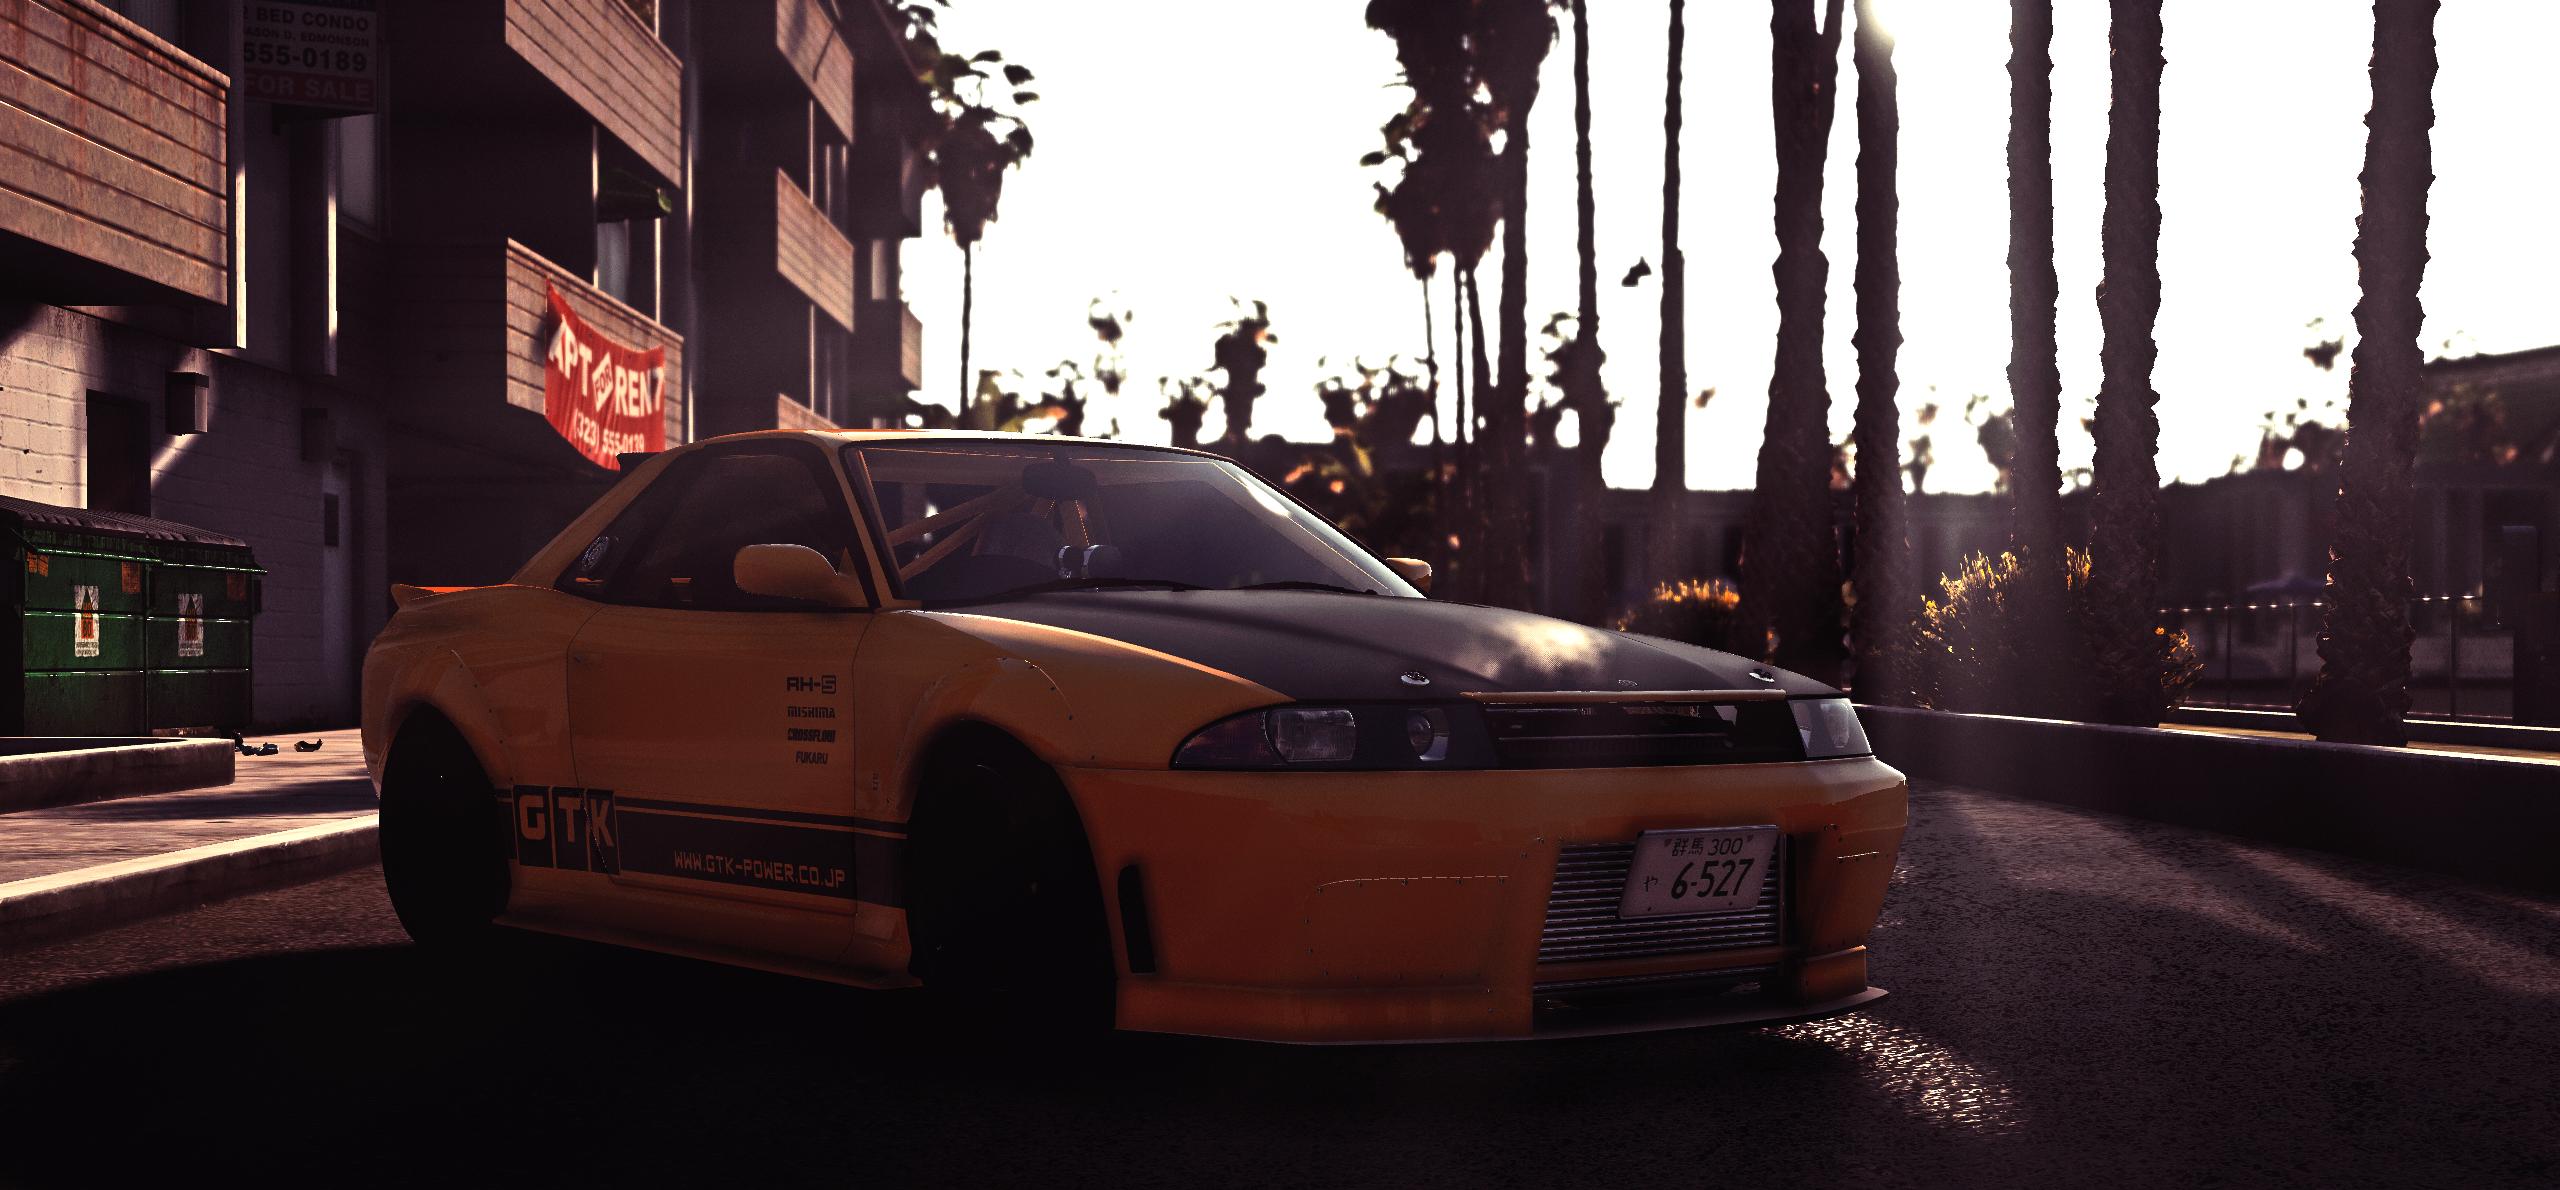 Grand_Theft_Auto_V_Screenshot_2018.08.19